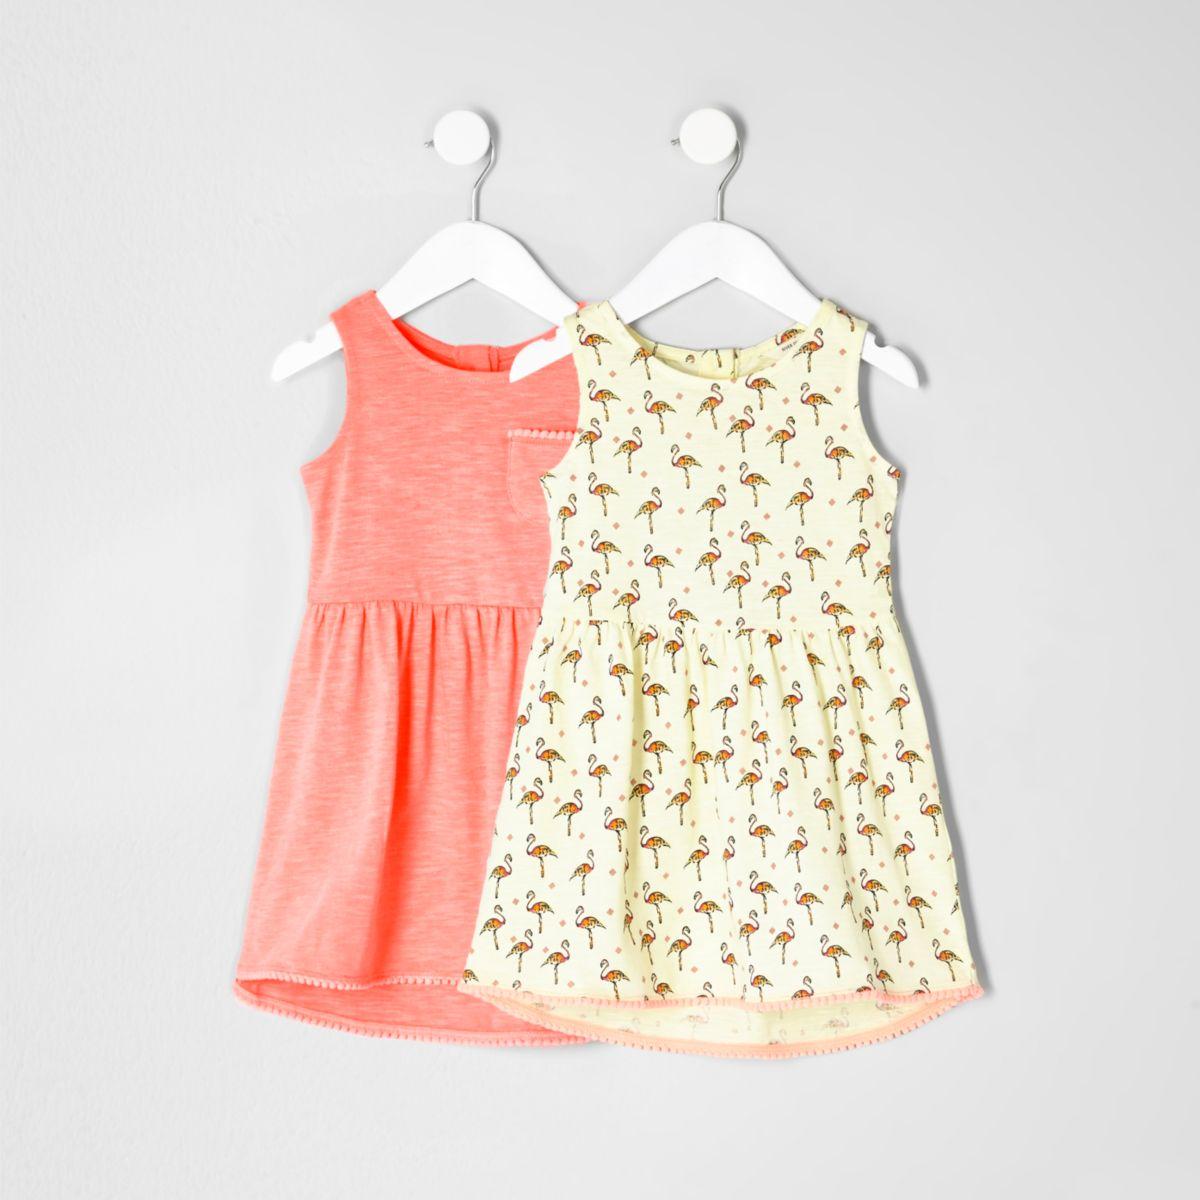 Asymmetrisches Kleid, Zweierpack